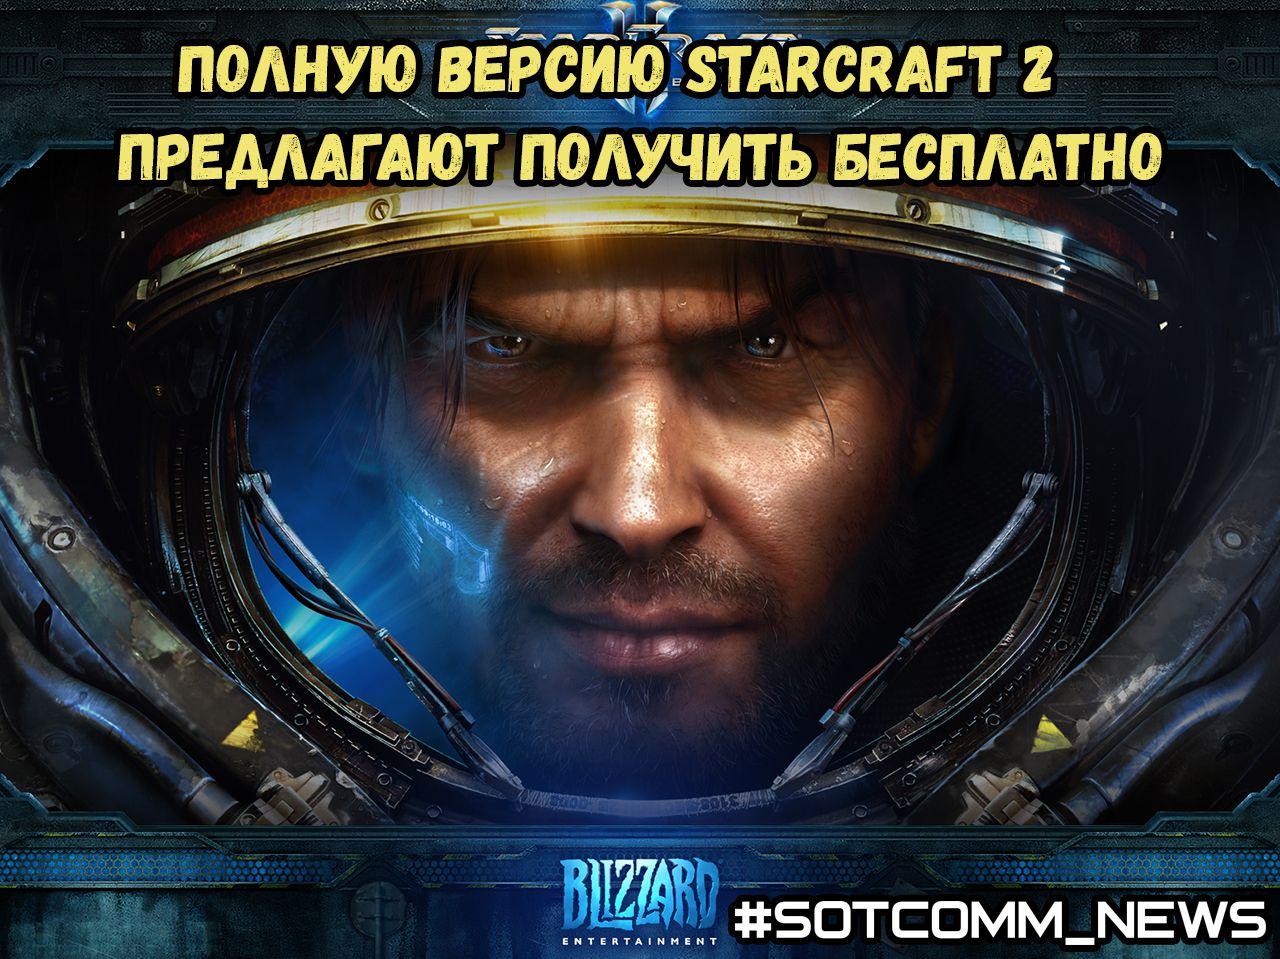 Полную версию StarCraft 2 предлагают получить бесплатно